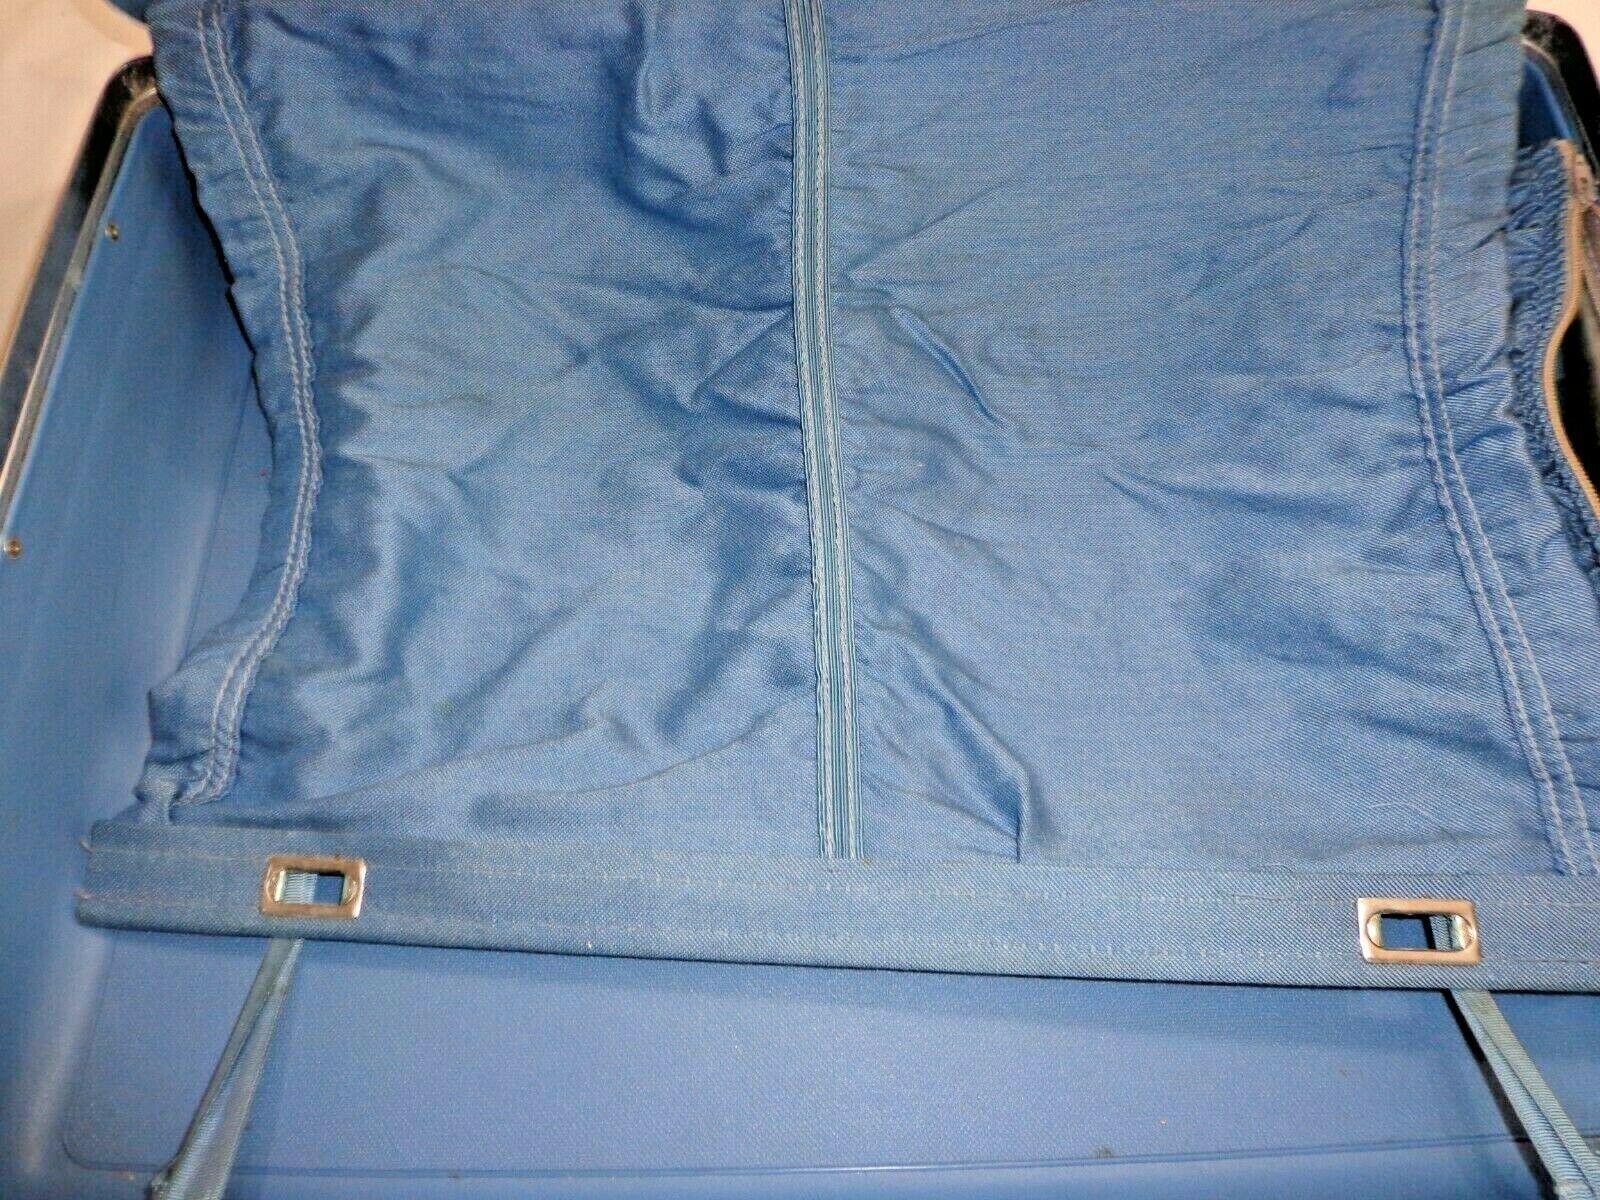 Samsonite Blue Montbello II Suitcase Hardshell Luggage